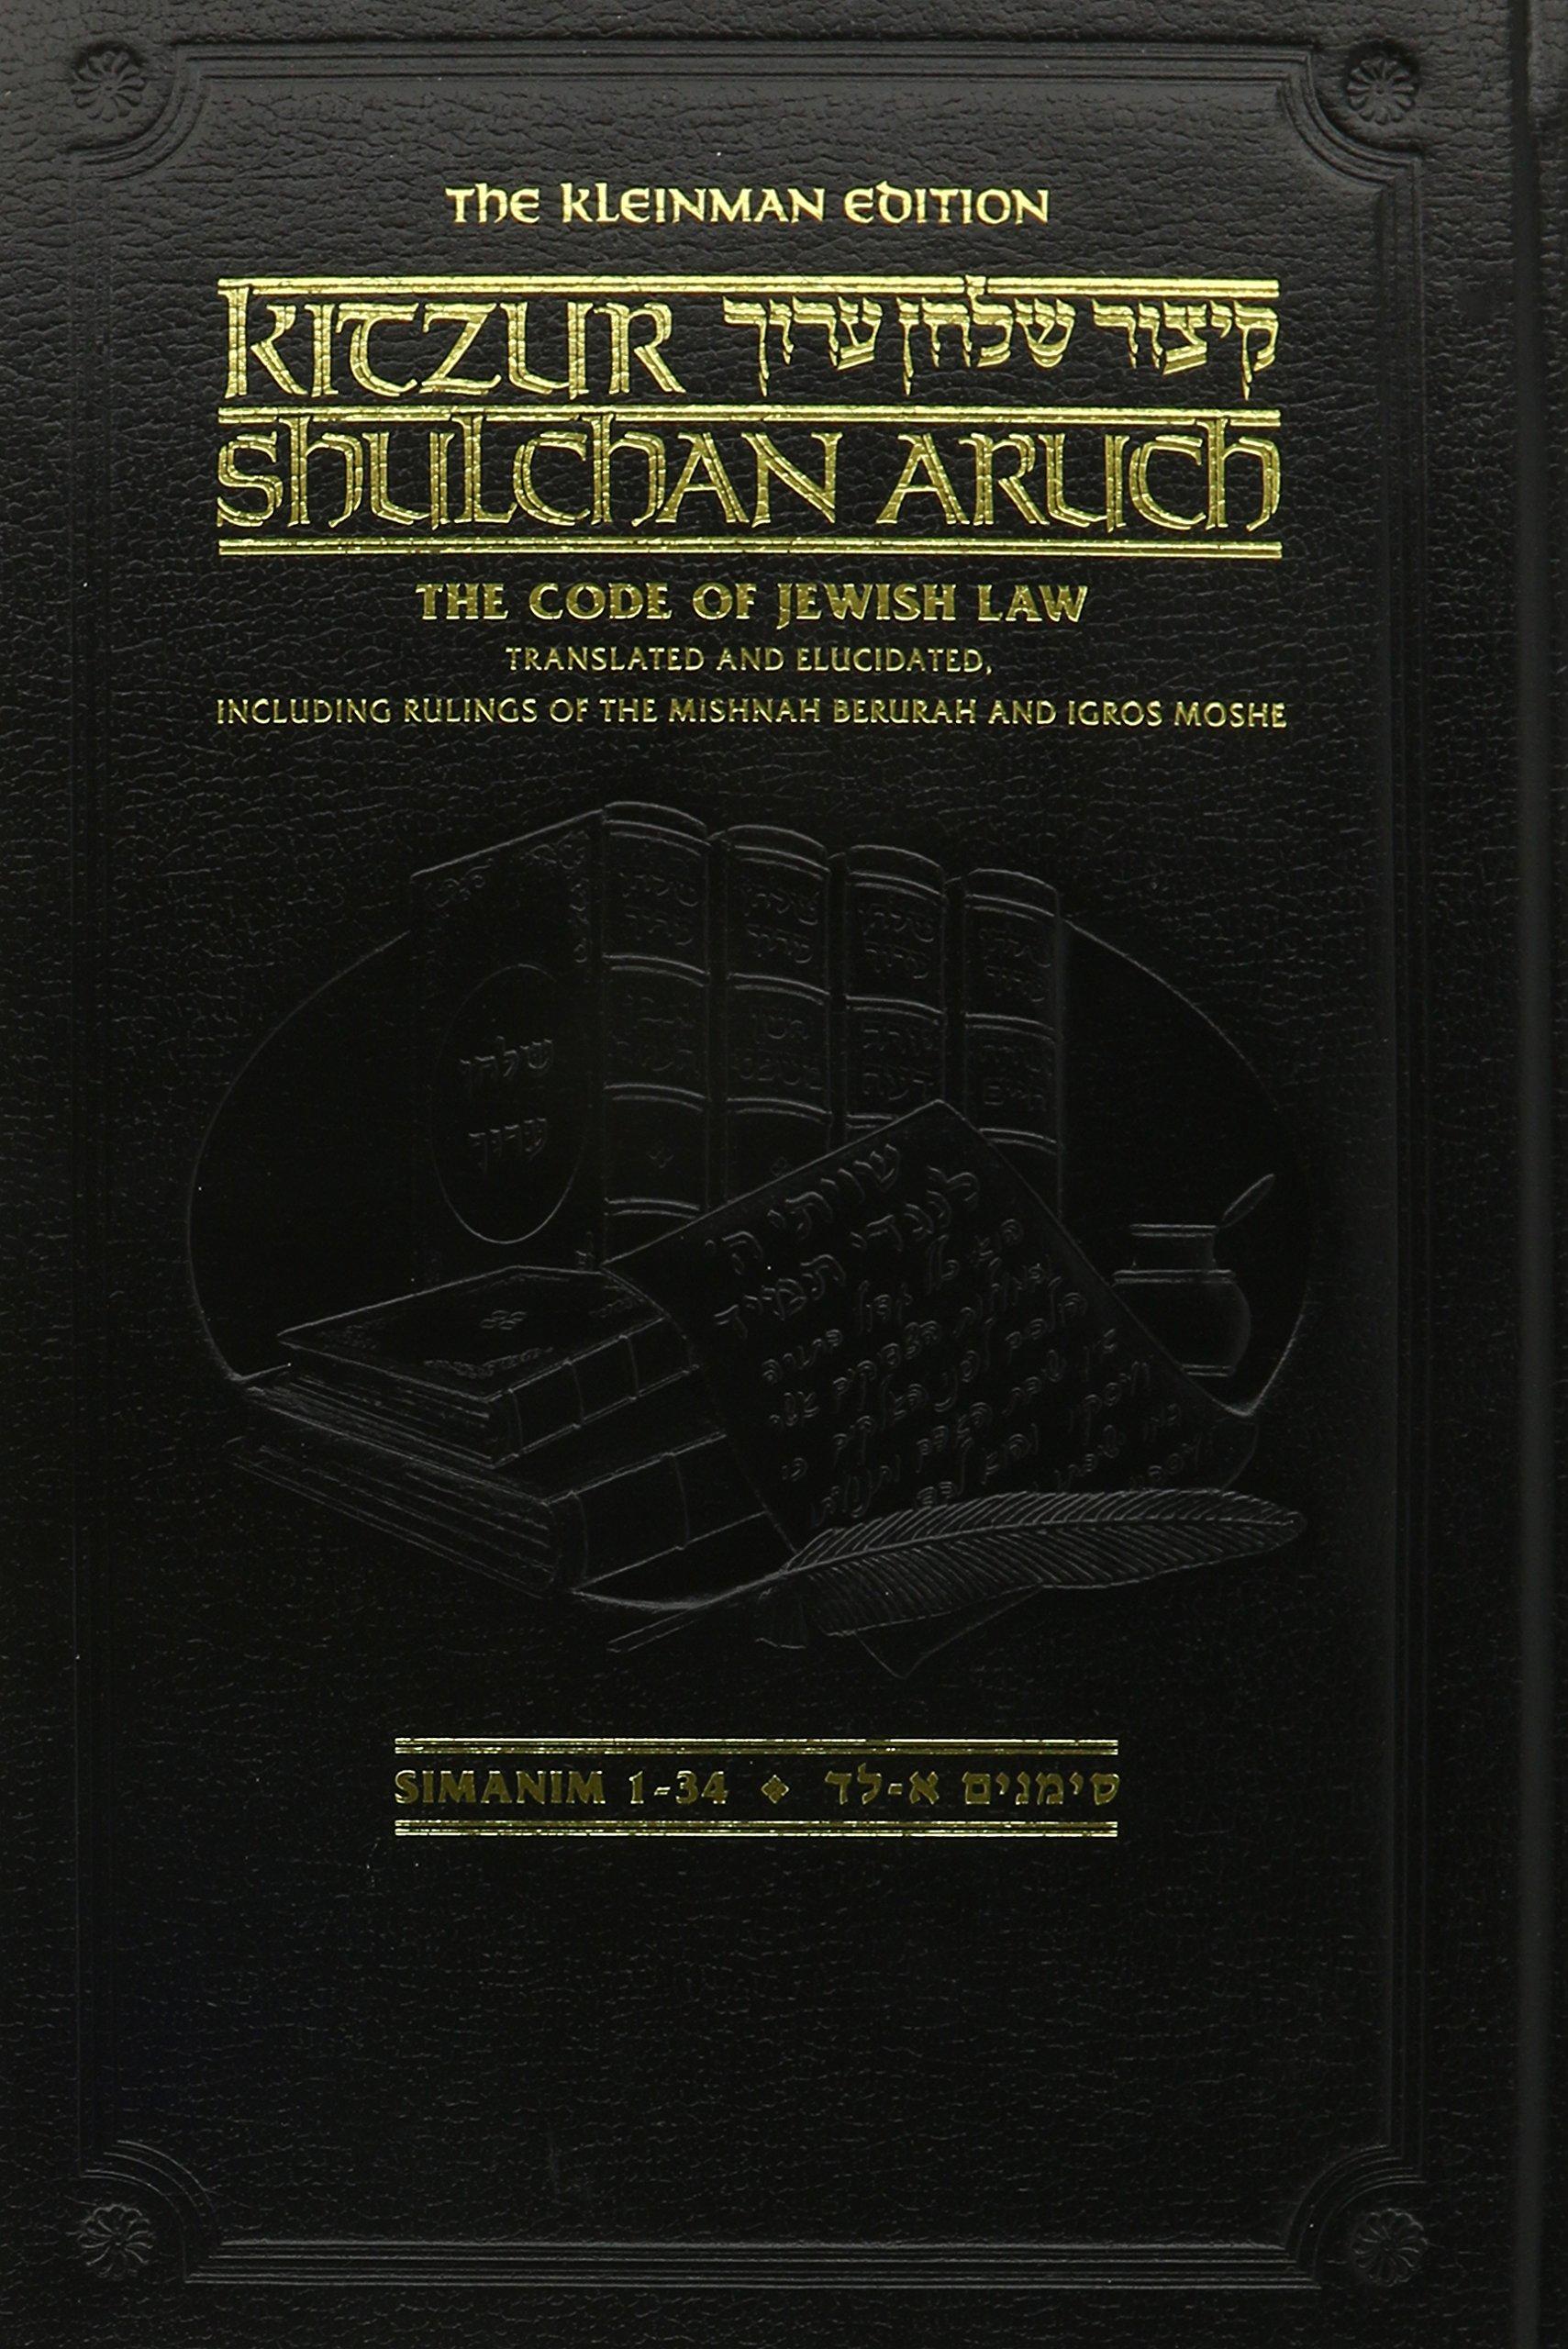 Read Online The Kleinman Edition Kitzur Shulchan Aruch Vol 1 ebook